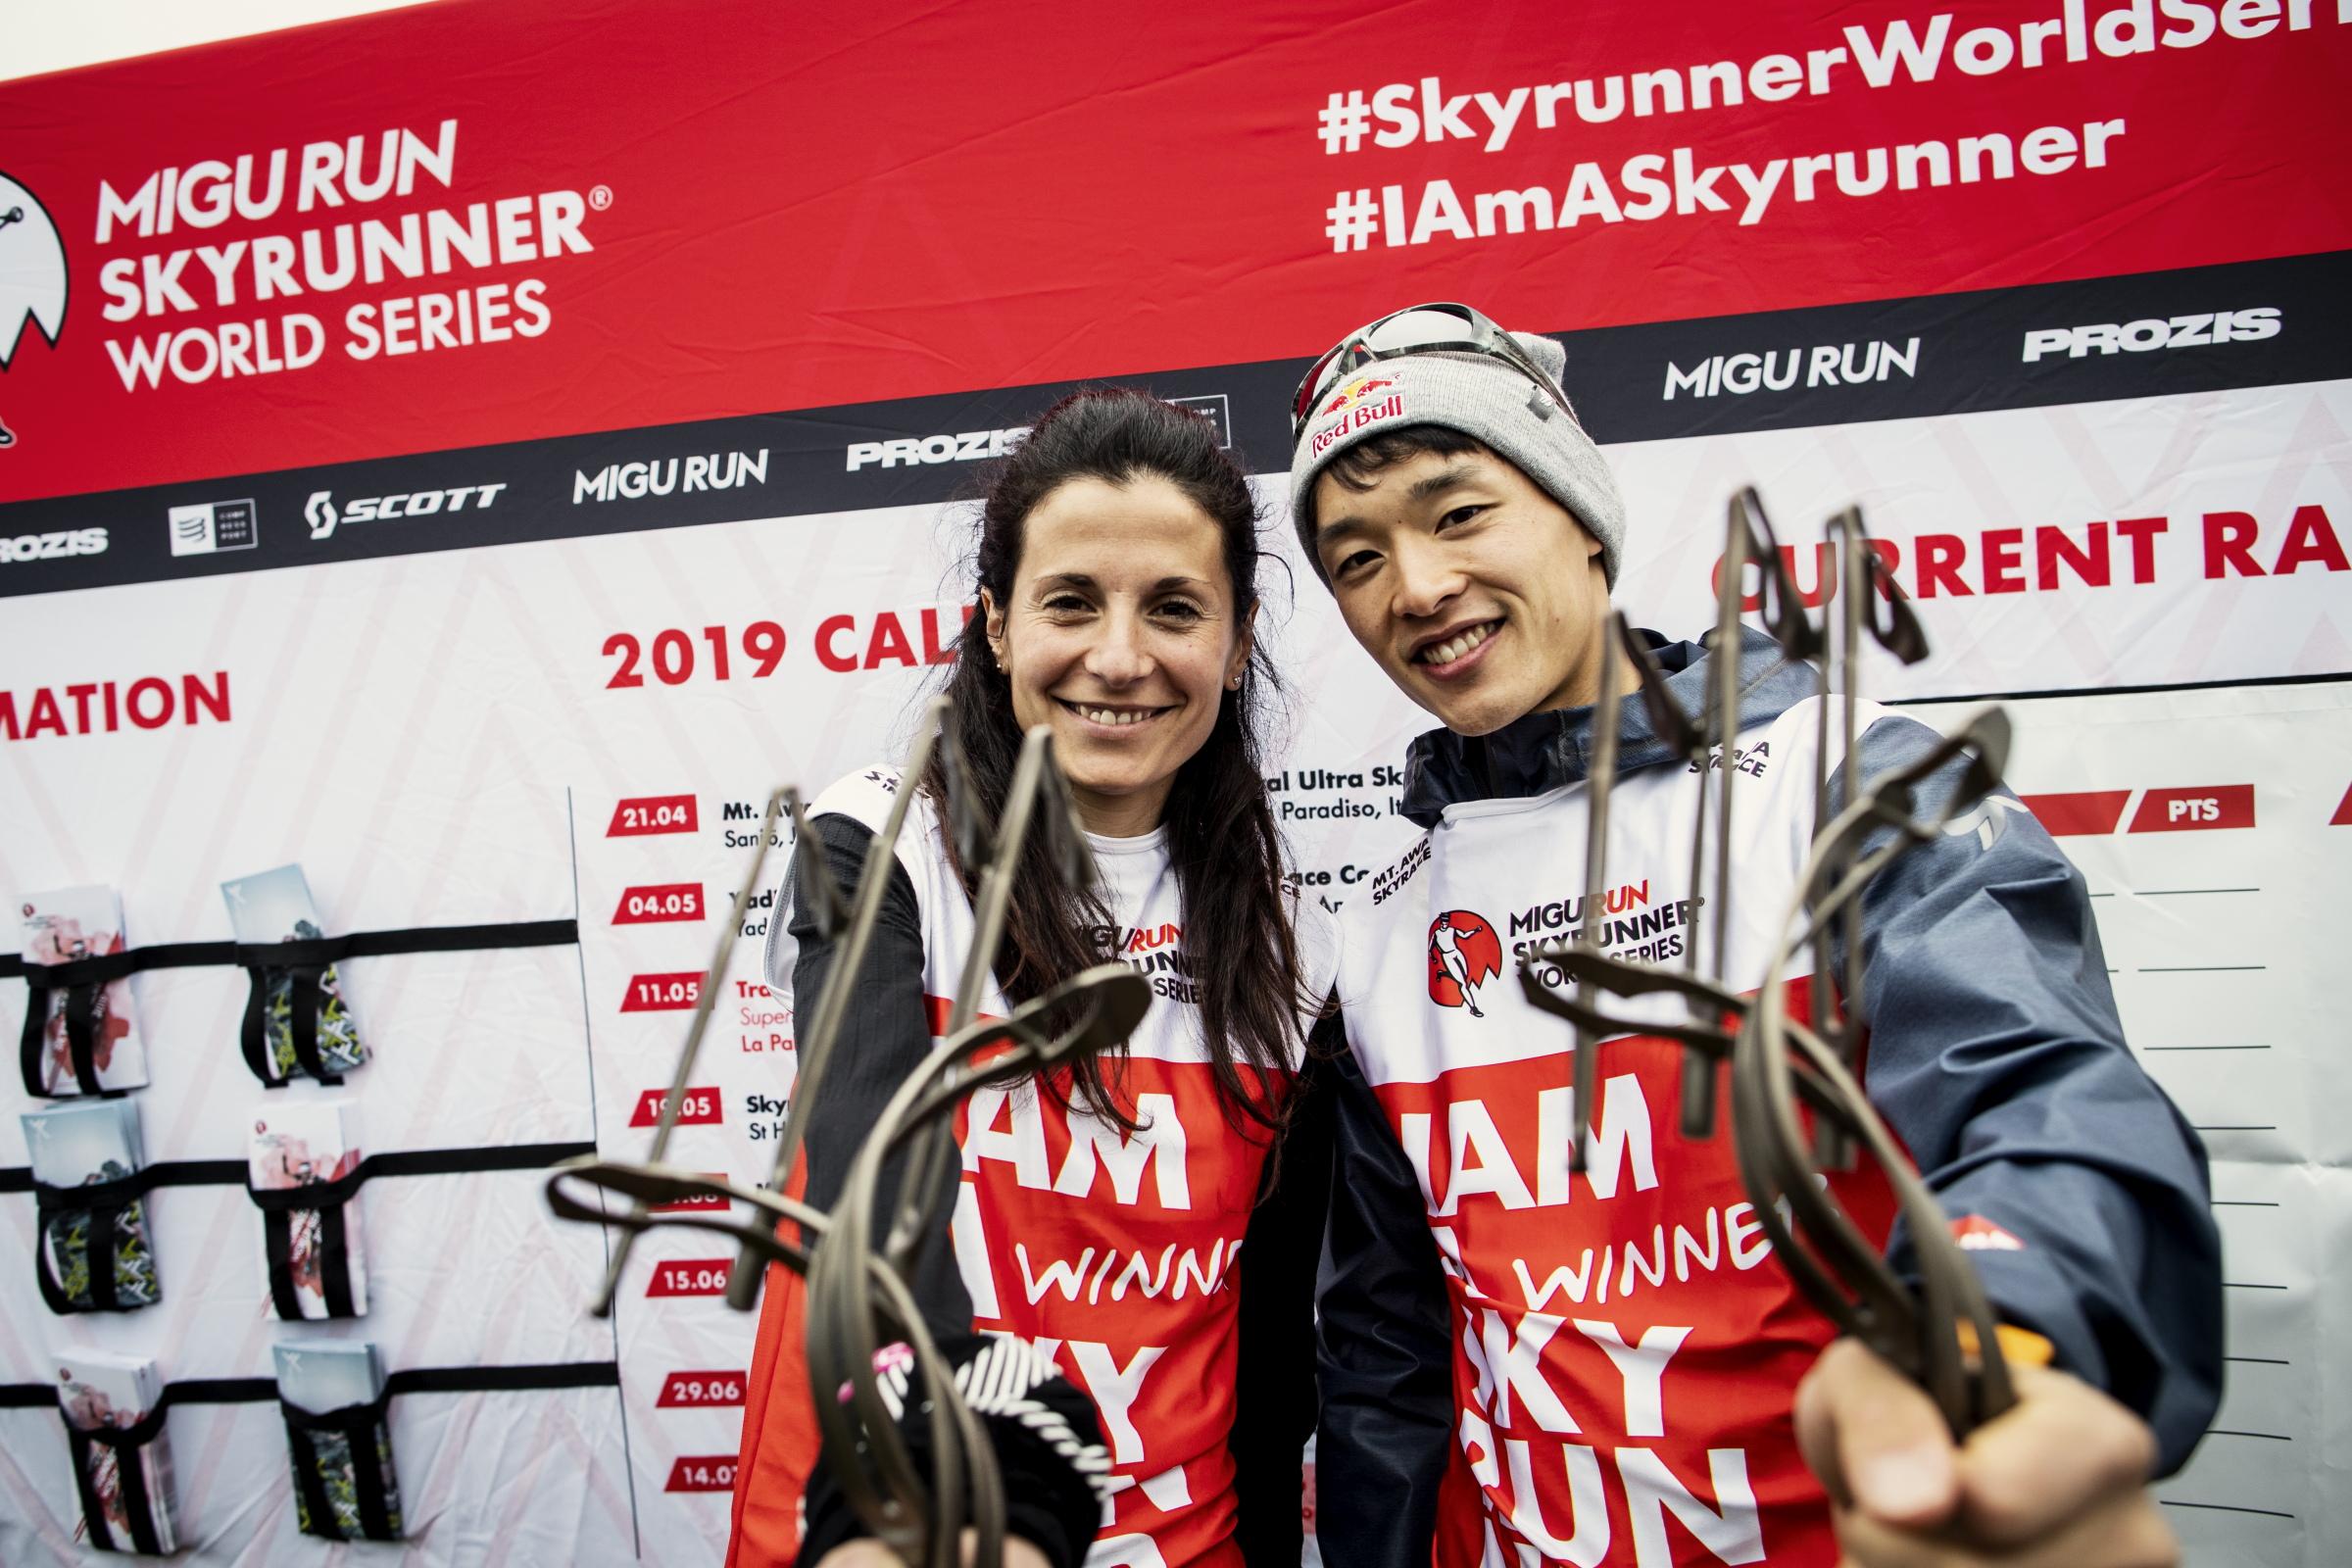 初のウィナービブを獲得した上田と女子優勝のエリサ・デスコ ©Sho Fujimaki